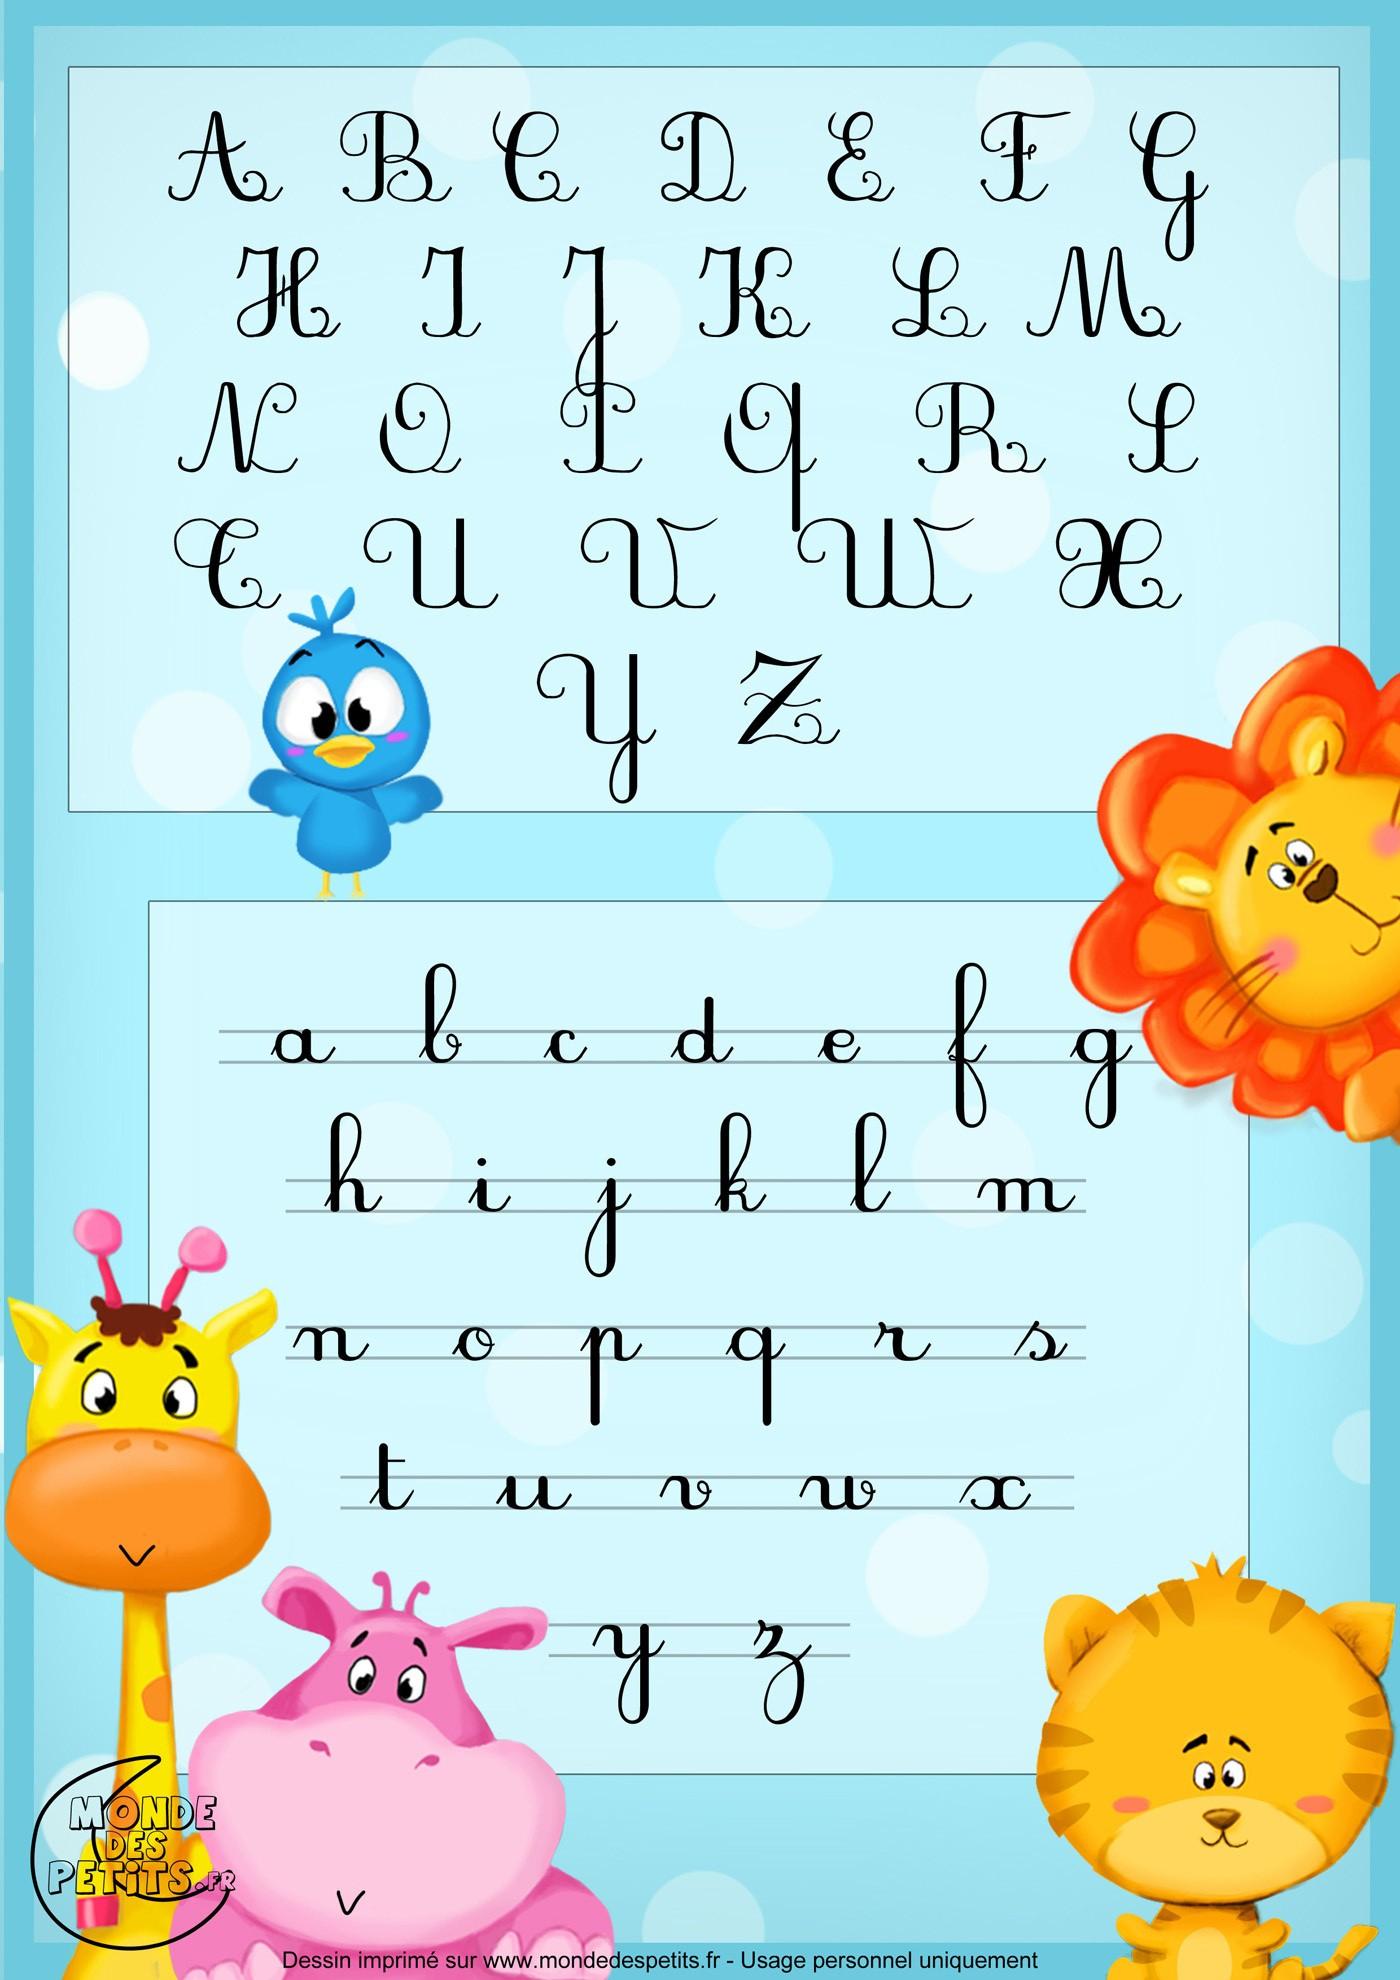 Monde Des Petits La Chanson De L Alphabet In Dalphabet En avec Monde Des Petit Chanson